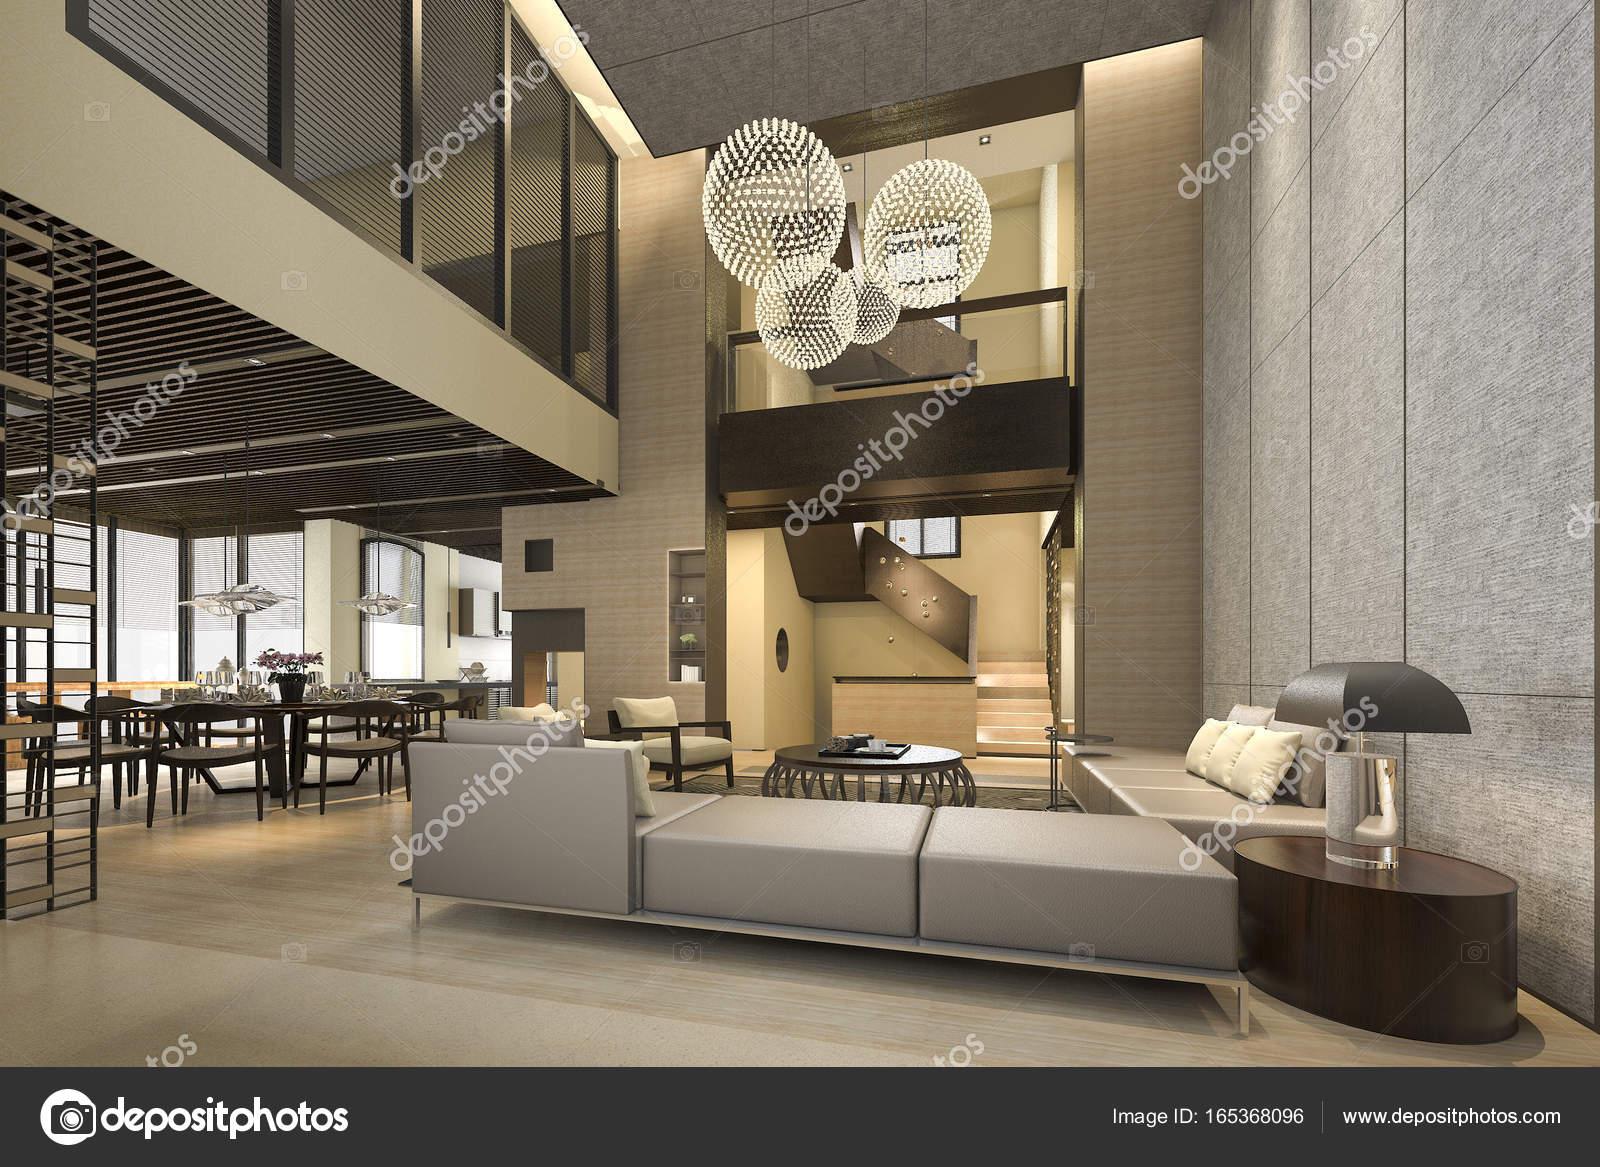 Anspruchsvoll Moderne Wohnzimmer Bilder Sammlung Von 3d Rendering Innen- Und Außendesign — Foto